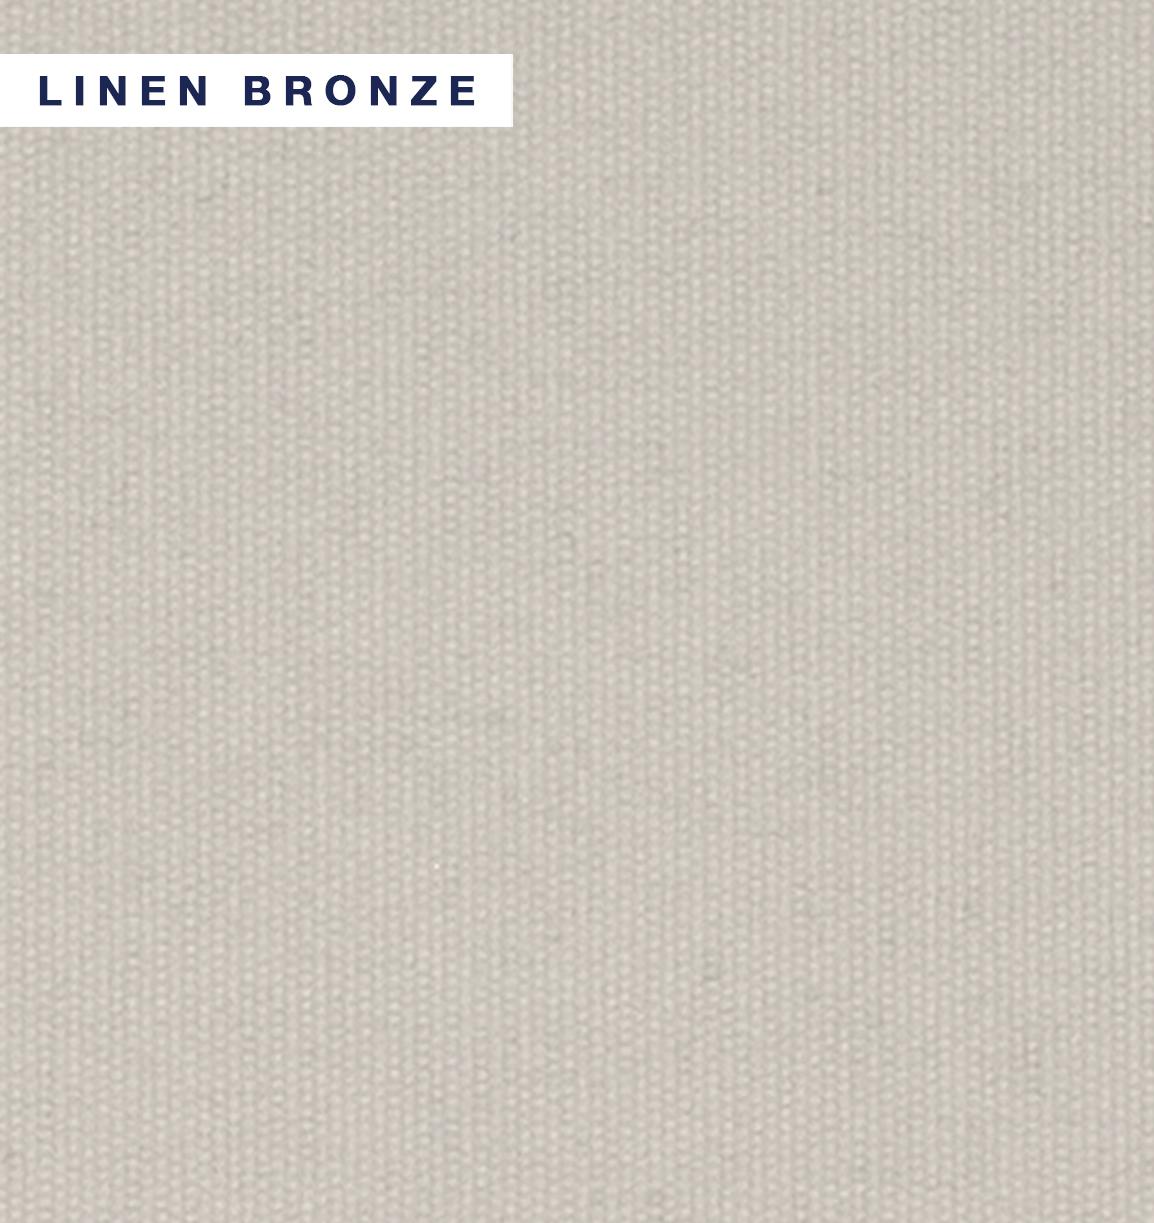 Vivid - Linen Bronze.jpg